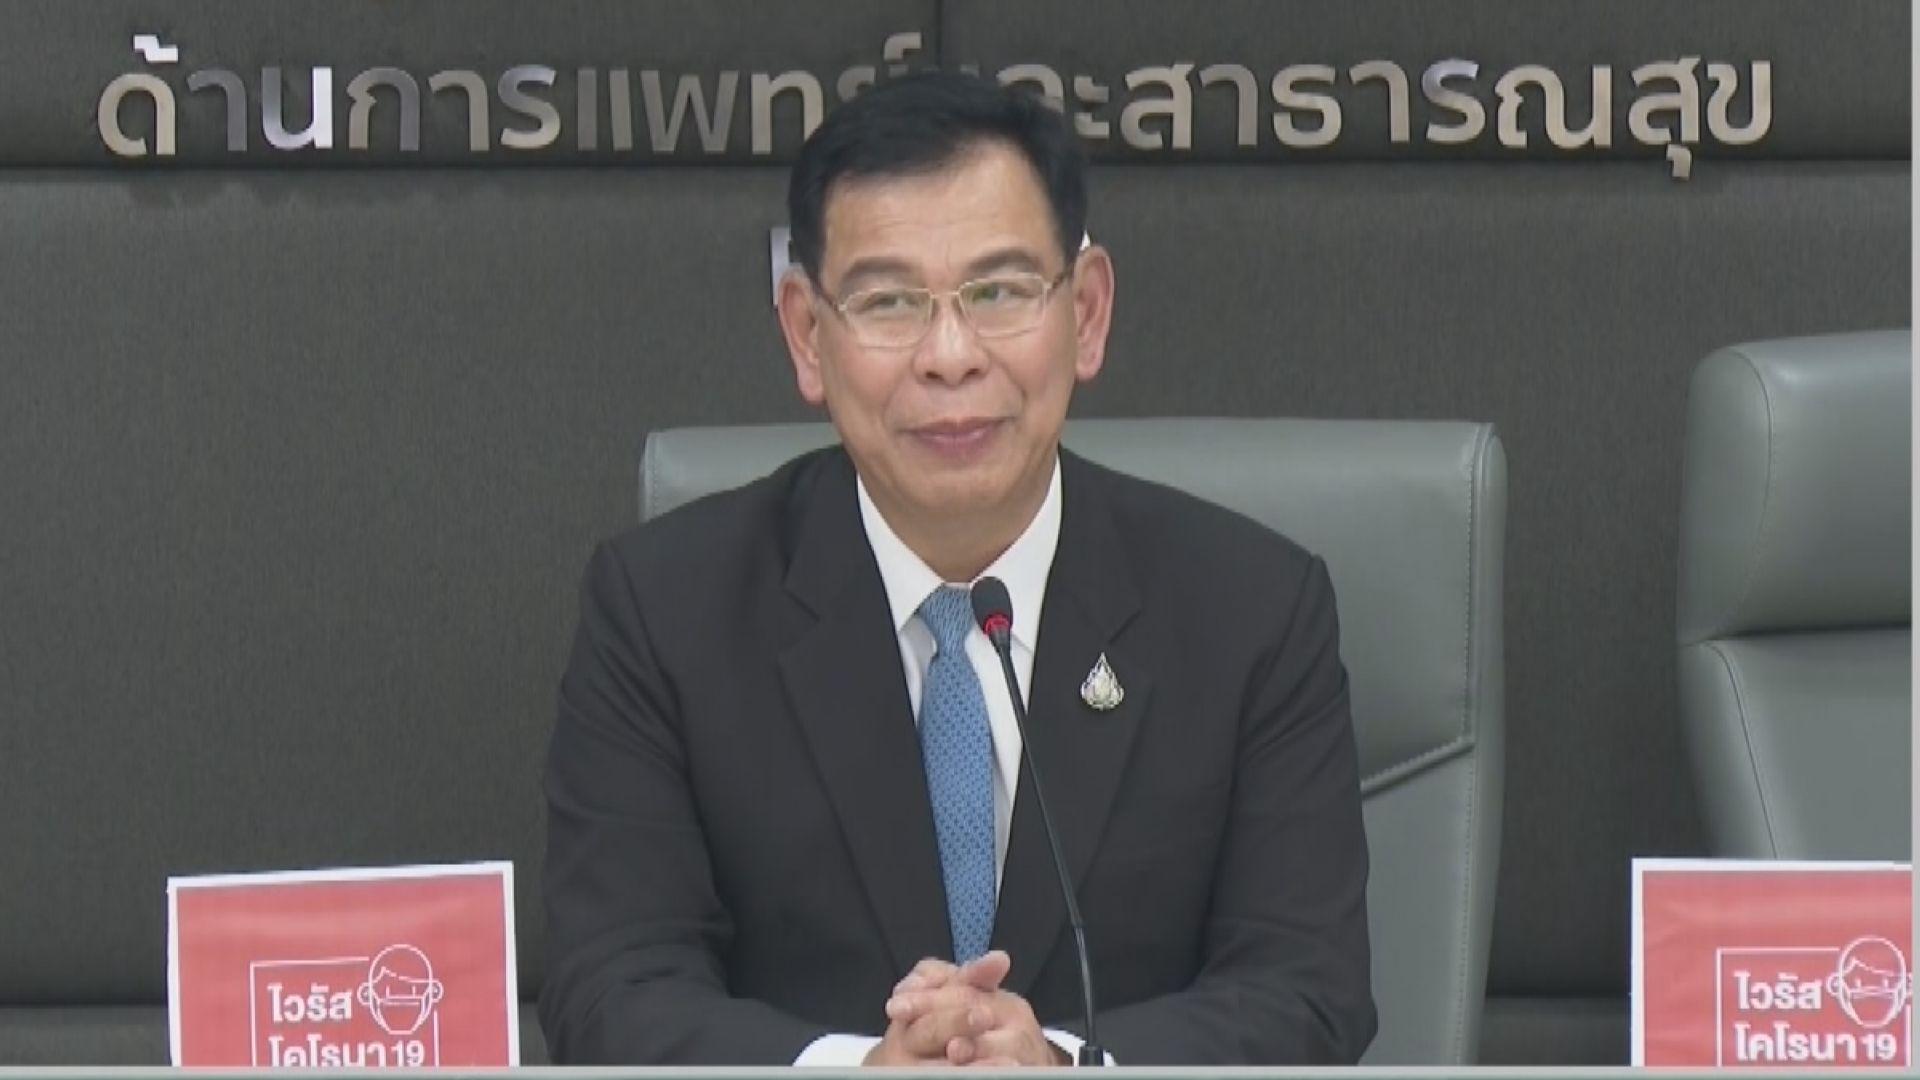 泰國公共衛生部:不會對來自危險疫區的旅客實施隔離